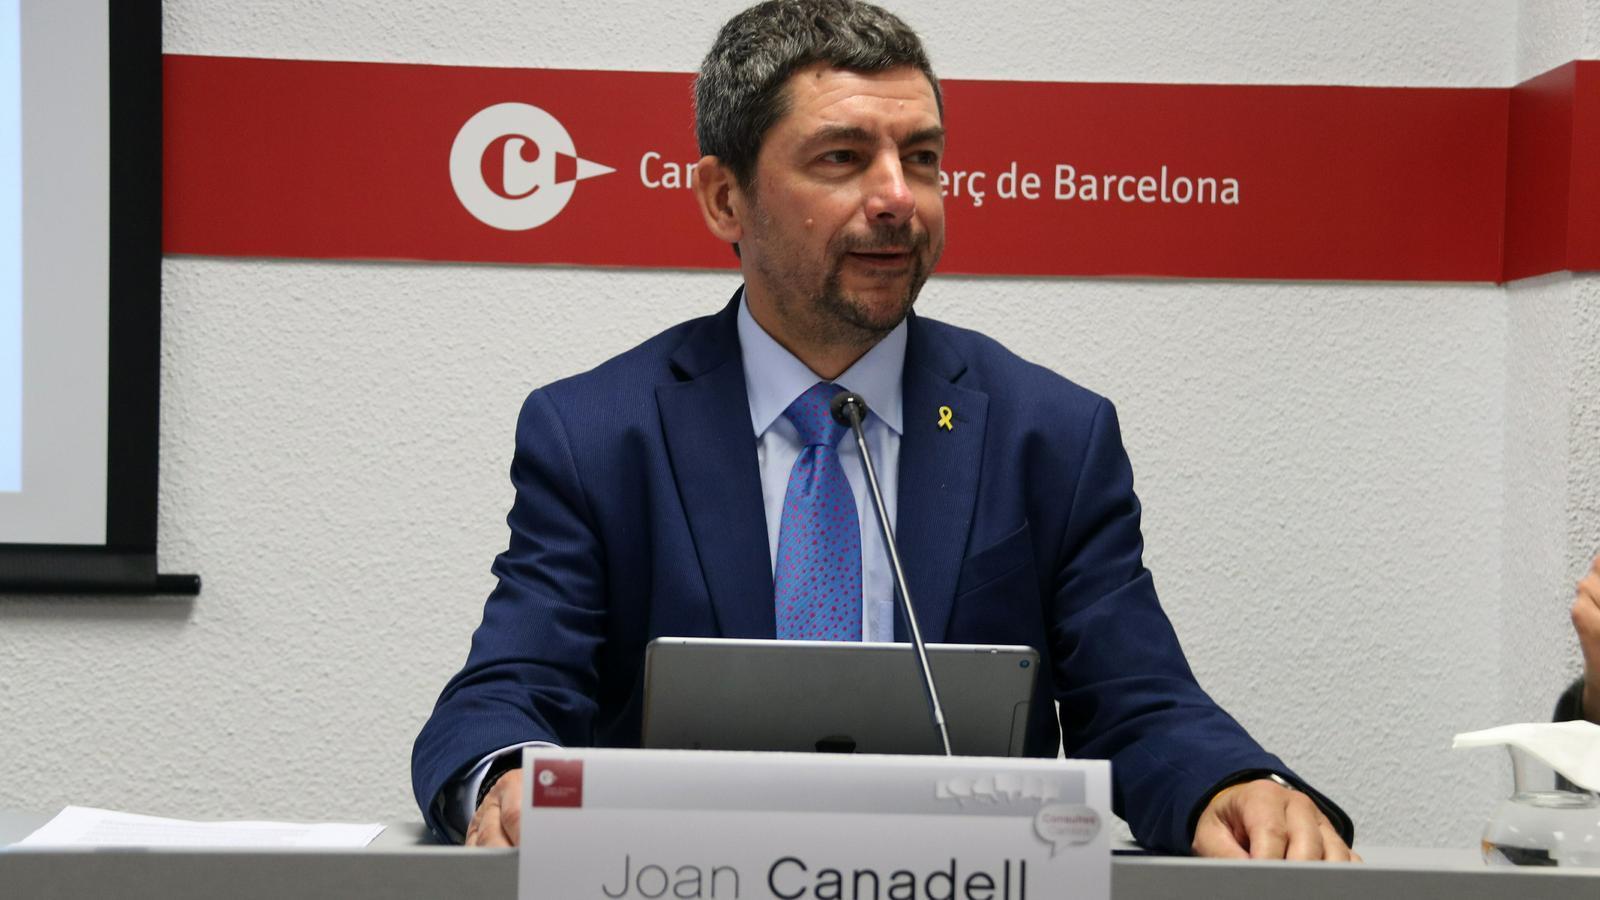 La Cambra farà una consulta entre els empresaris sobre l'impacte de la independència